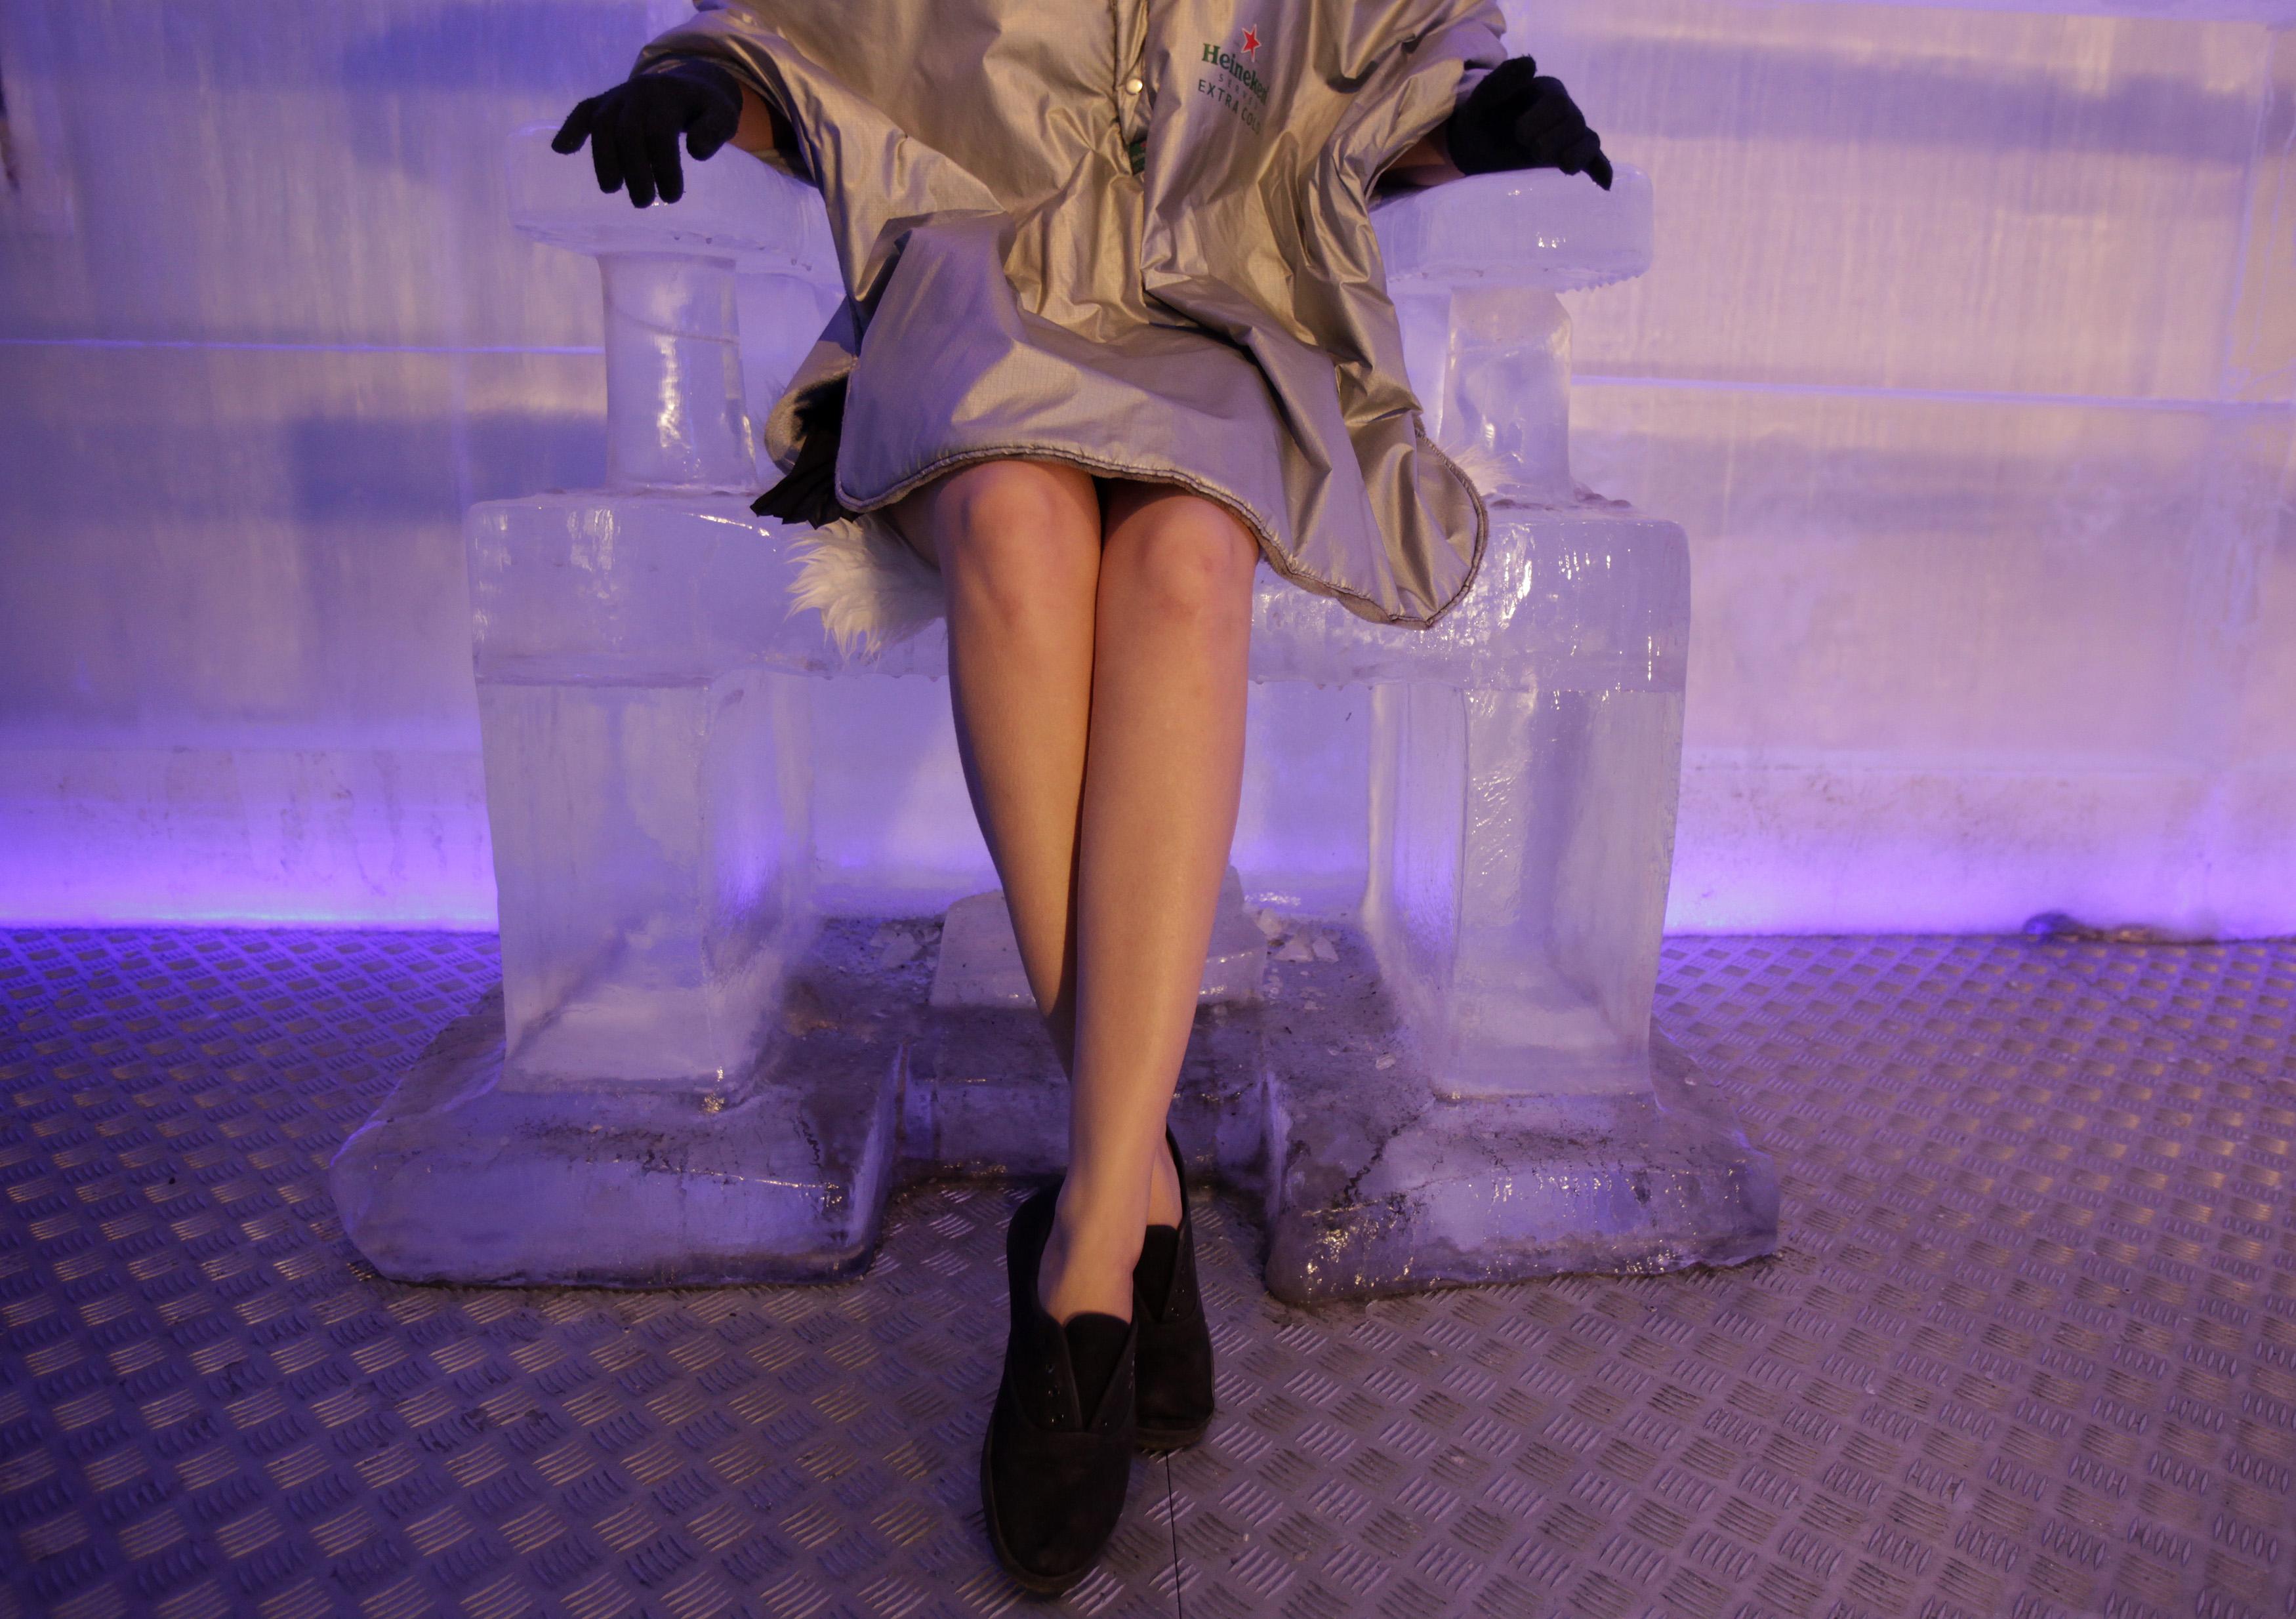 R. CHECA, 25.7.2013. Uma cliente numa cadeira feita de gelo no bar de gelo de Praga